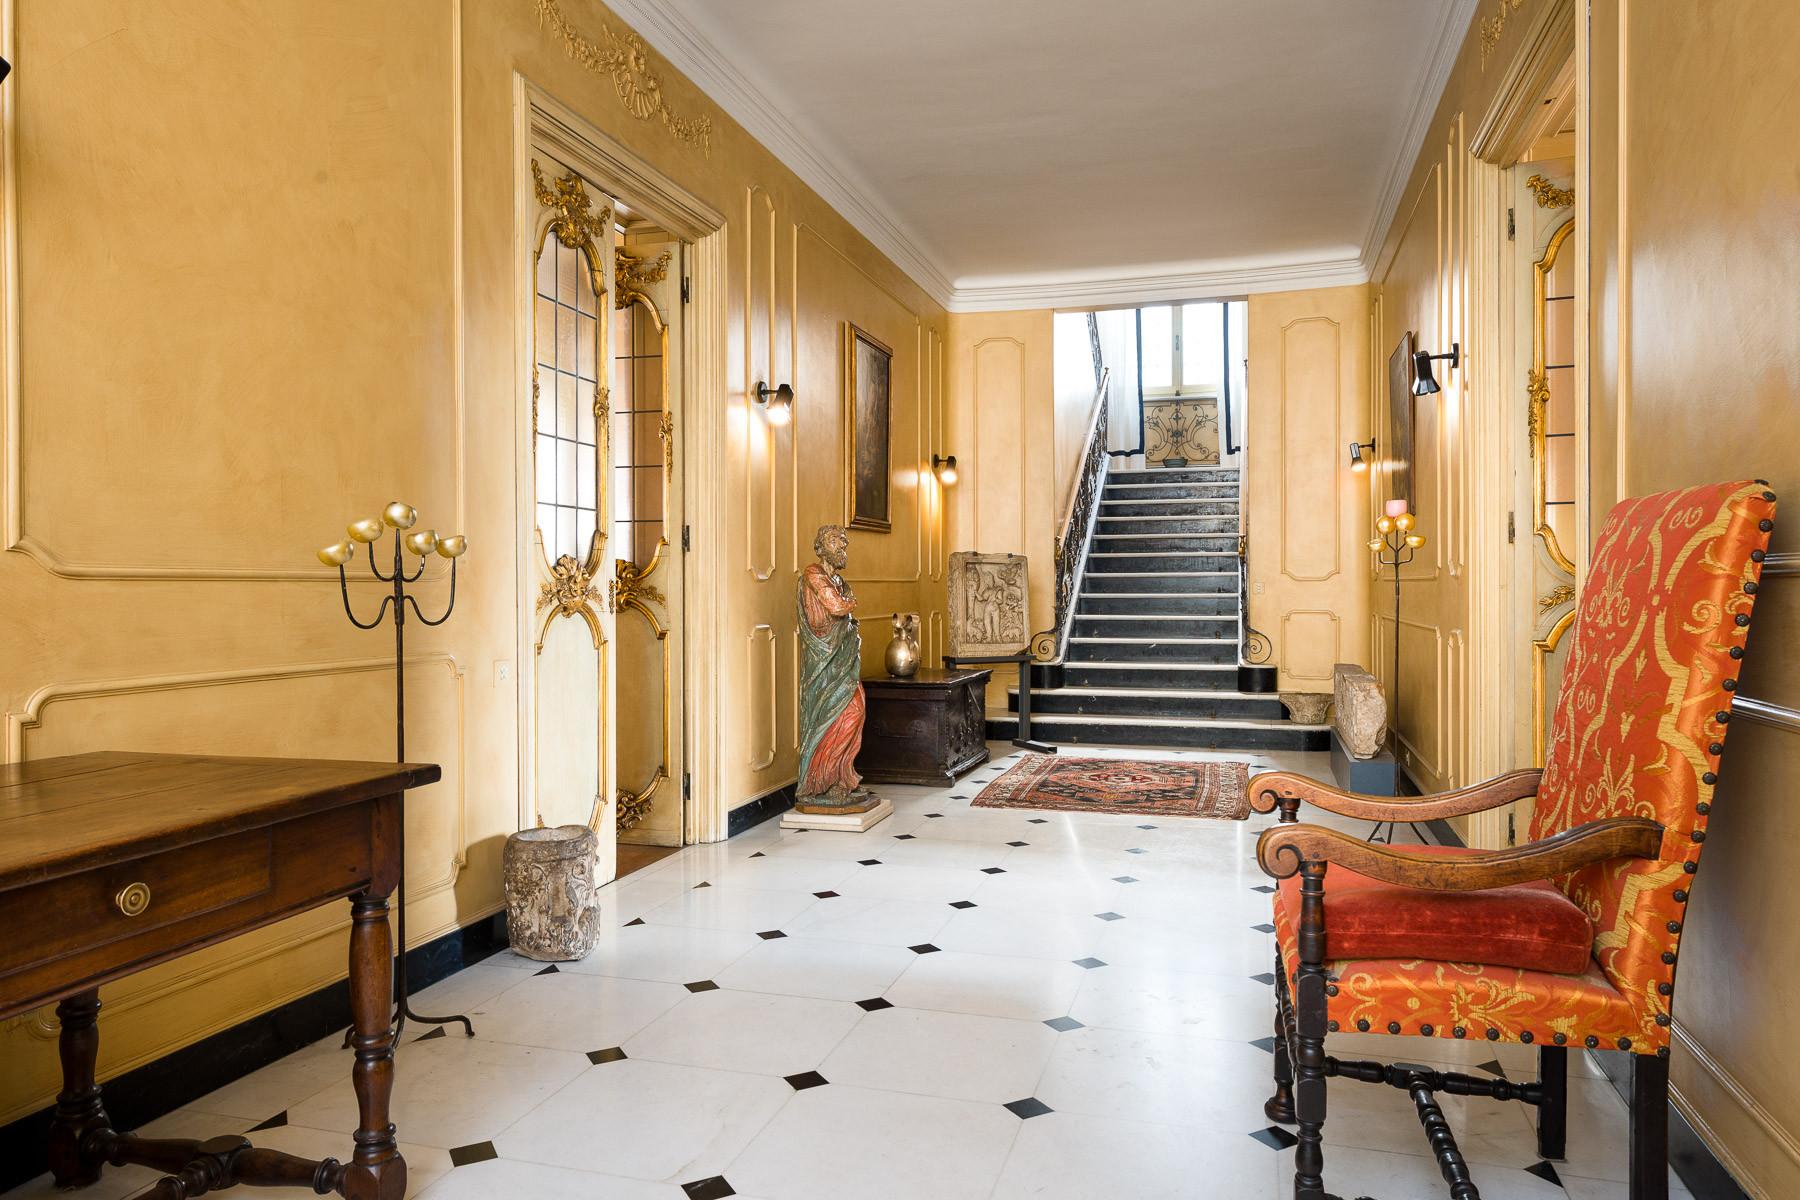 Appartamenti di lusso in piemonte trovocasa pregio for Interni di lusso